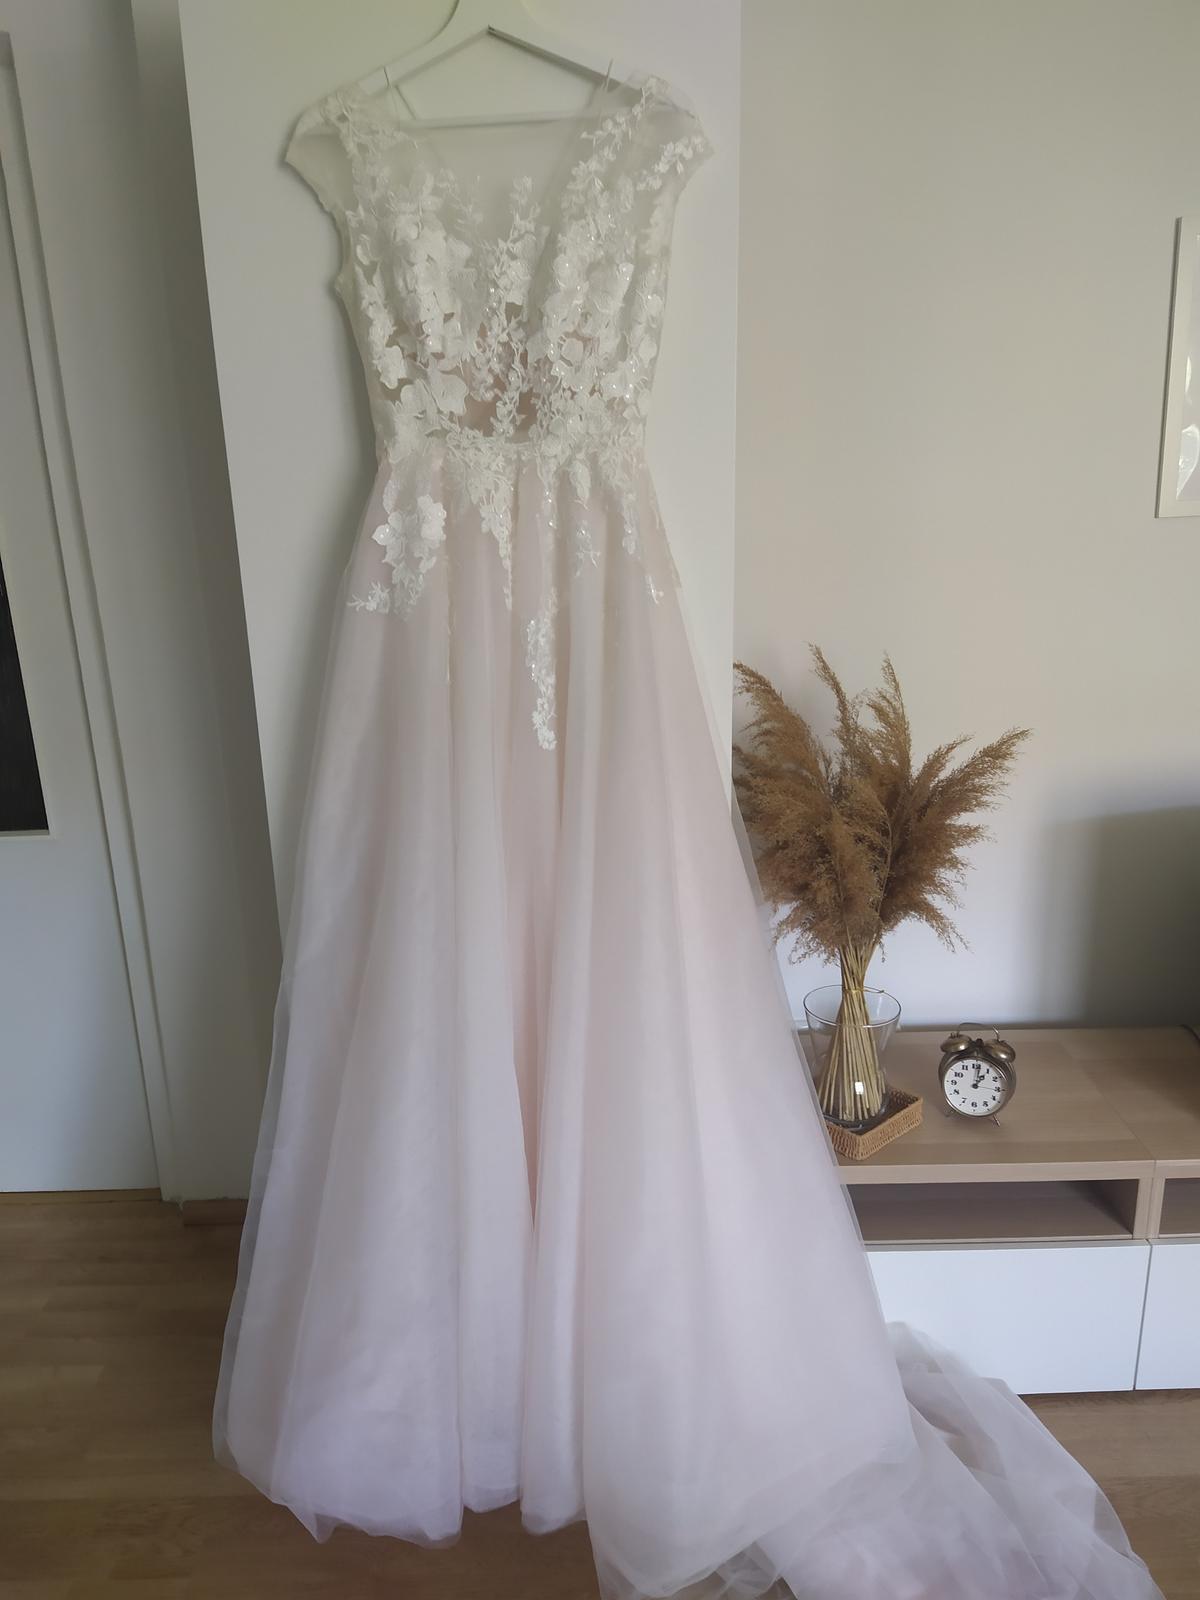 Svadobné šaty Daria Karlozi 34-36 - Obrázok č. 1